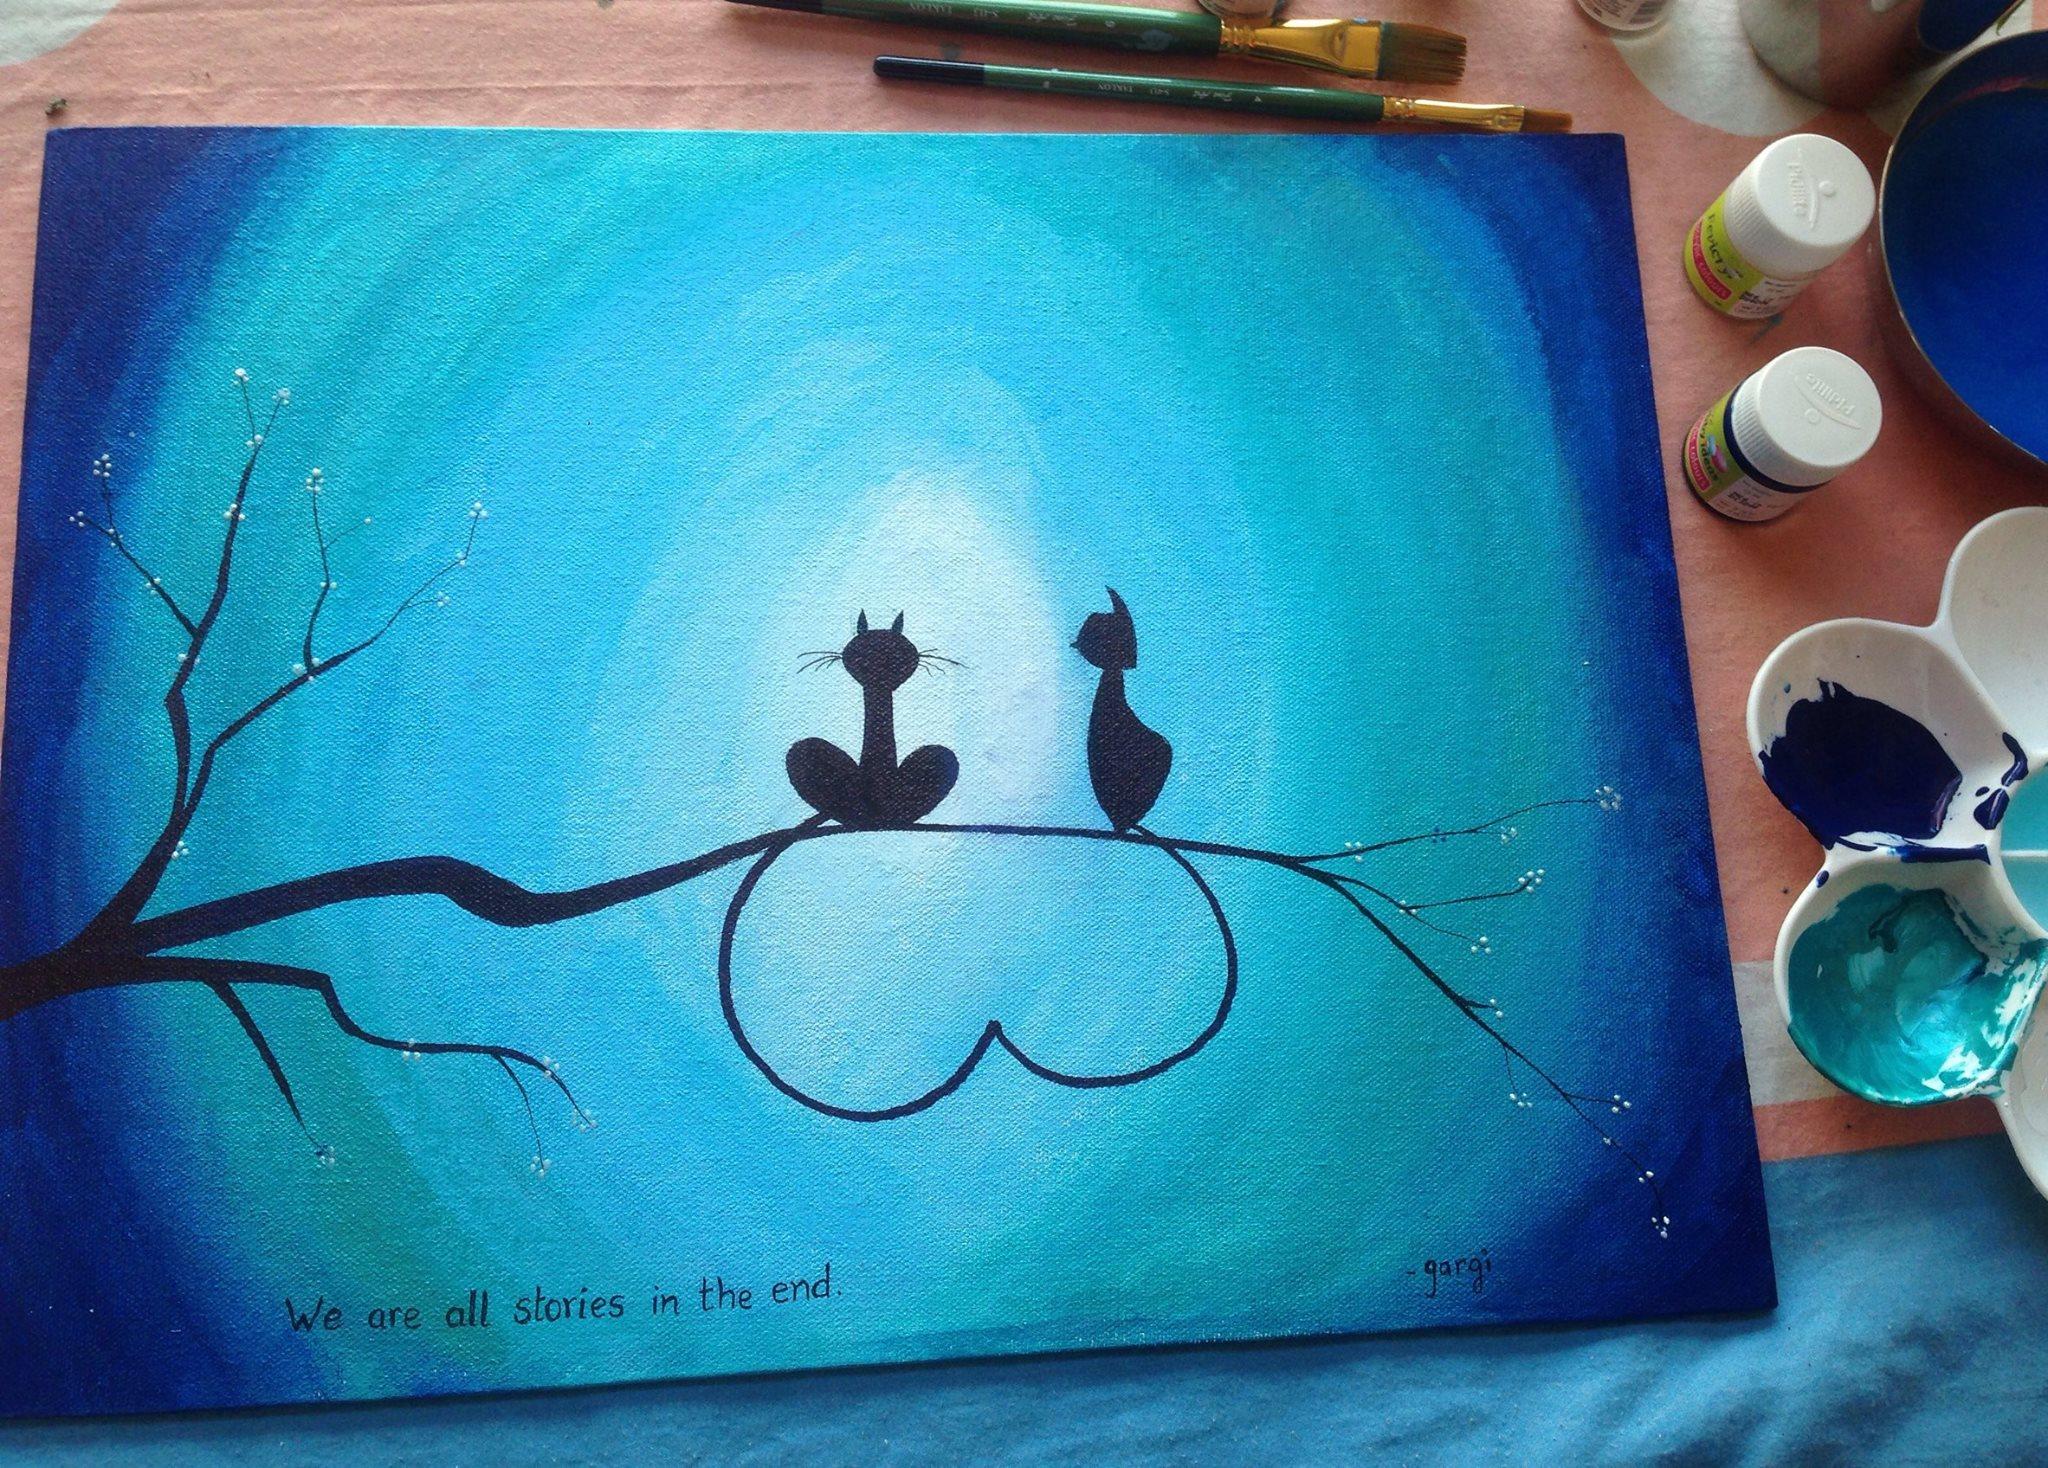 Making art... making stories